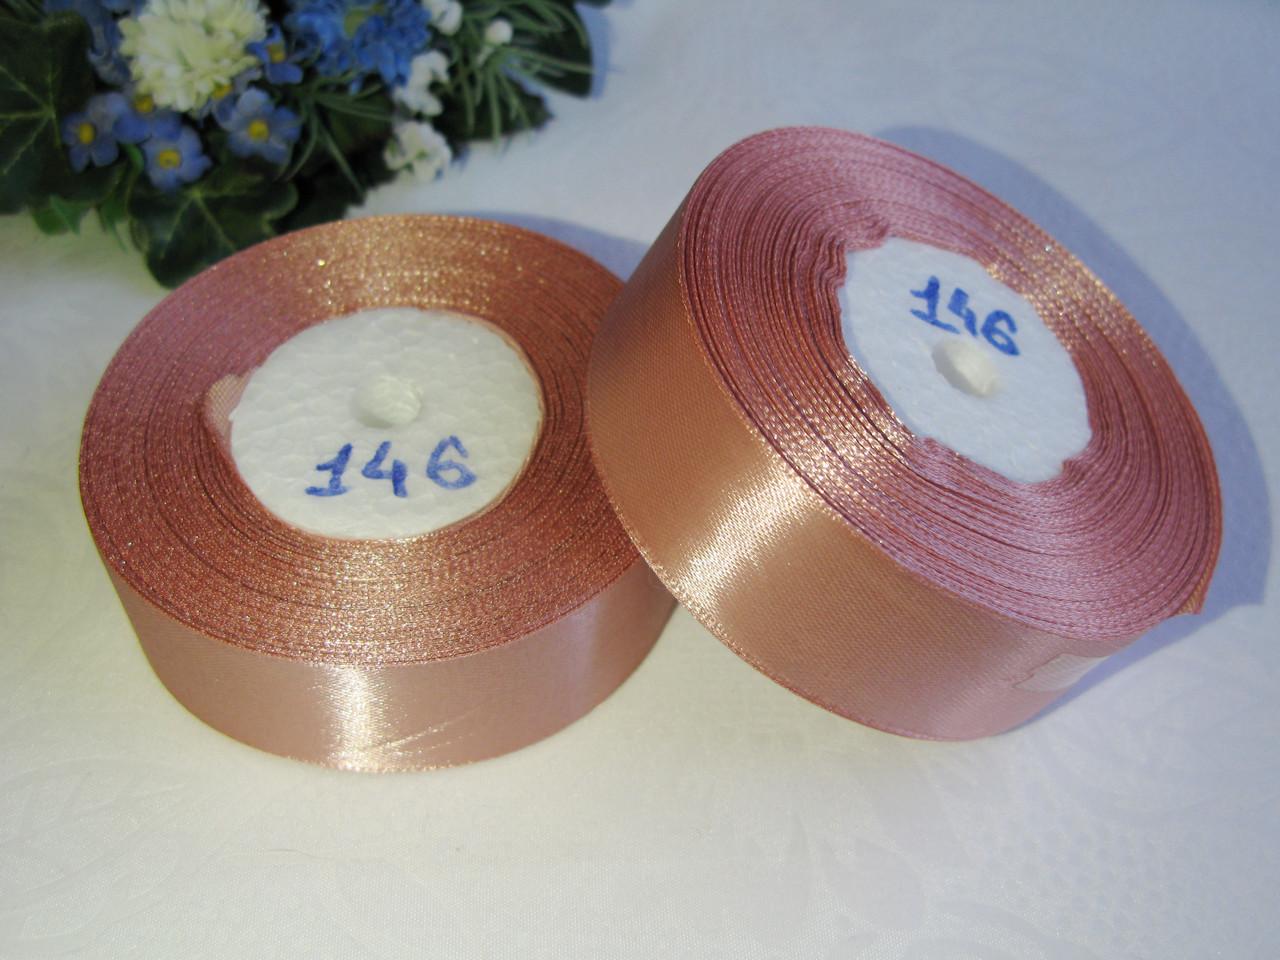 Лента атласная. Цвет жемчужно-розовый. Ширина 2.5 см